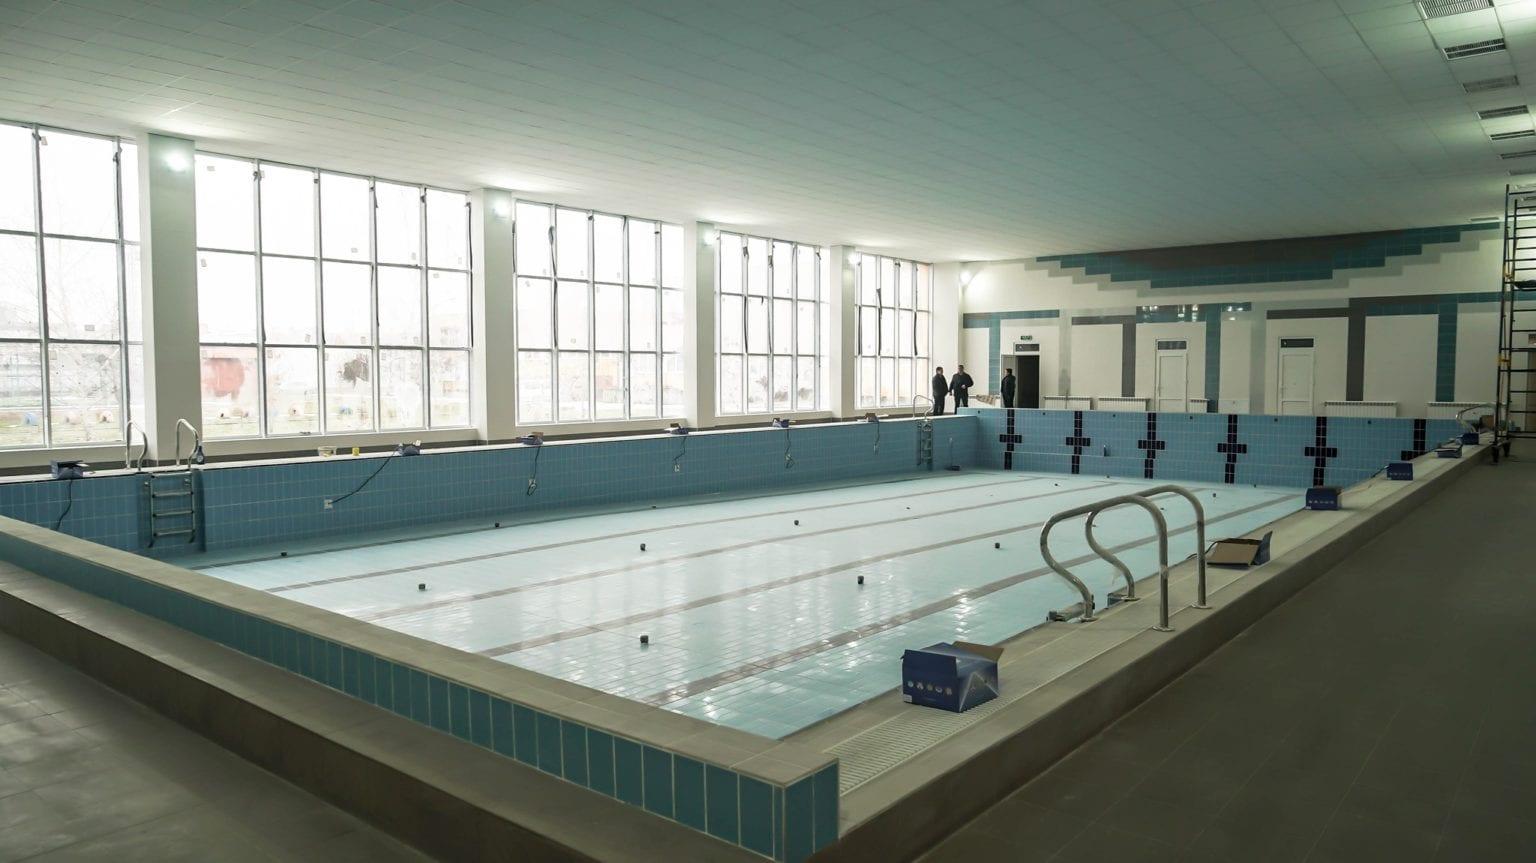 Заступник голови Закарпатської ОДА Іштван Петрушка: «Капітальний ремонт найбільшого шкільного басейну Ужгорода виконано на 95 %».